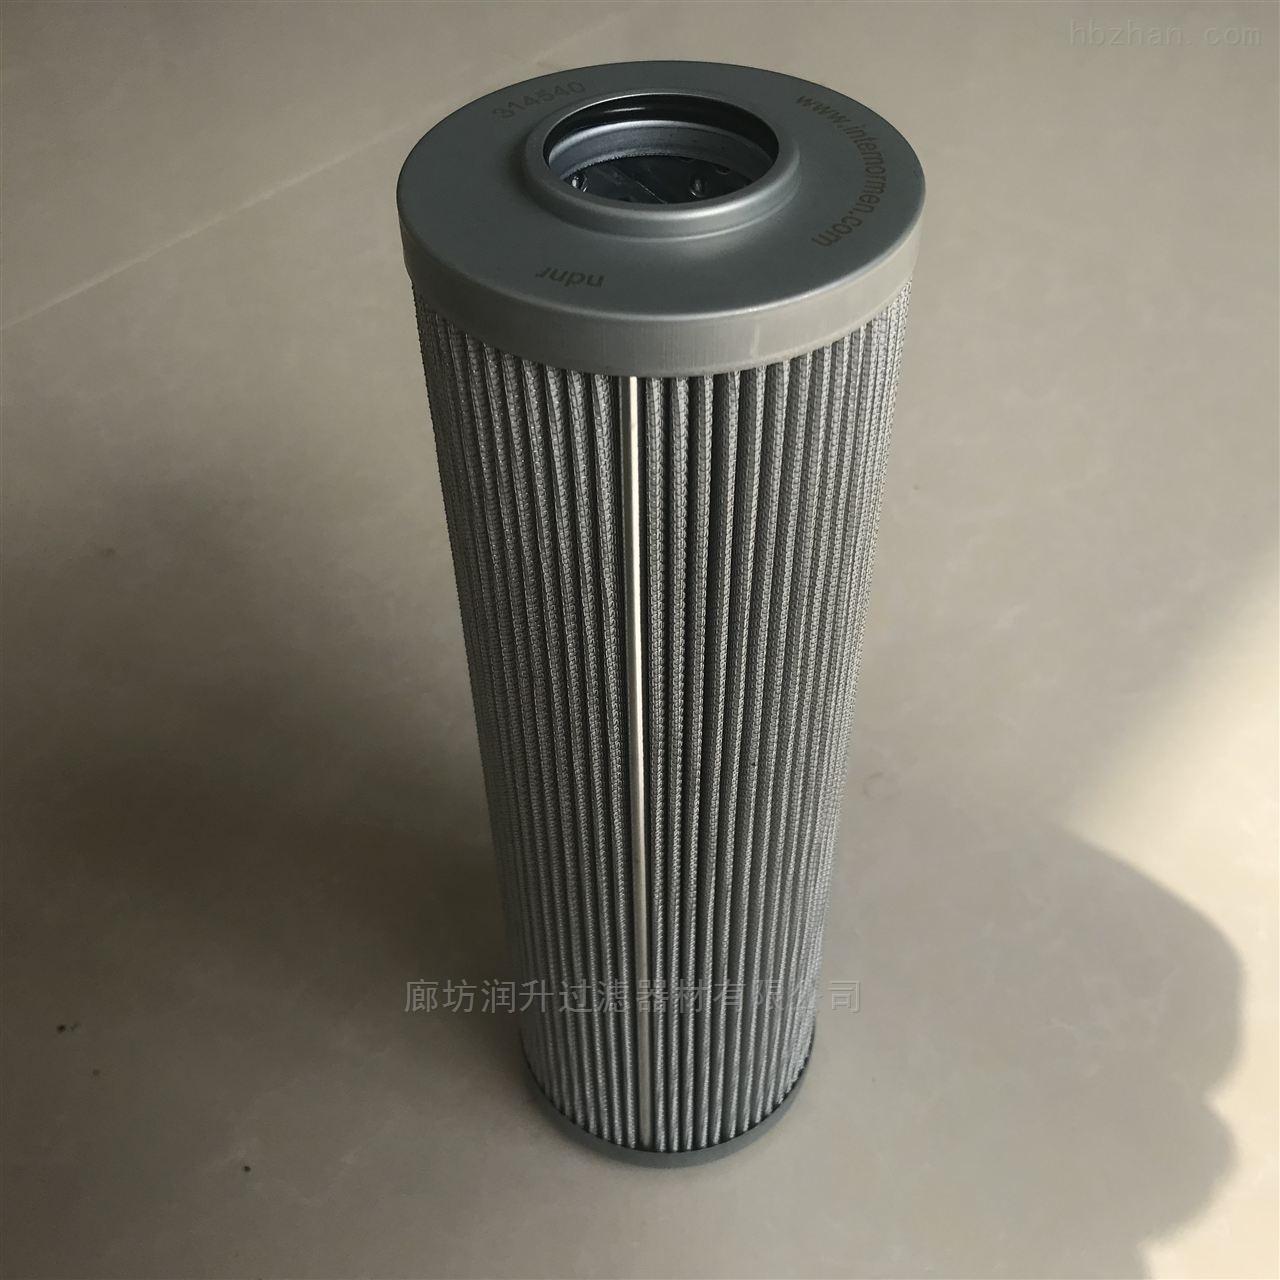 石家庄DFM40PP005A01滤芯厂家